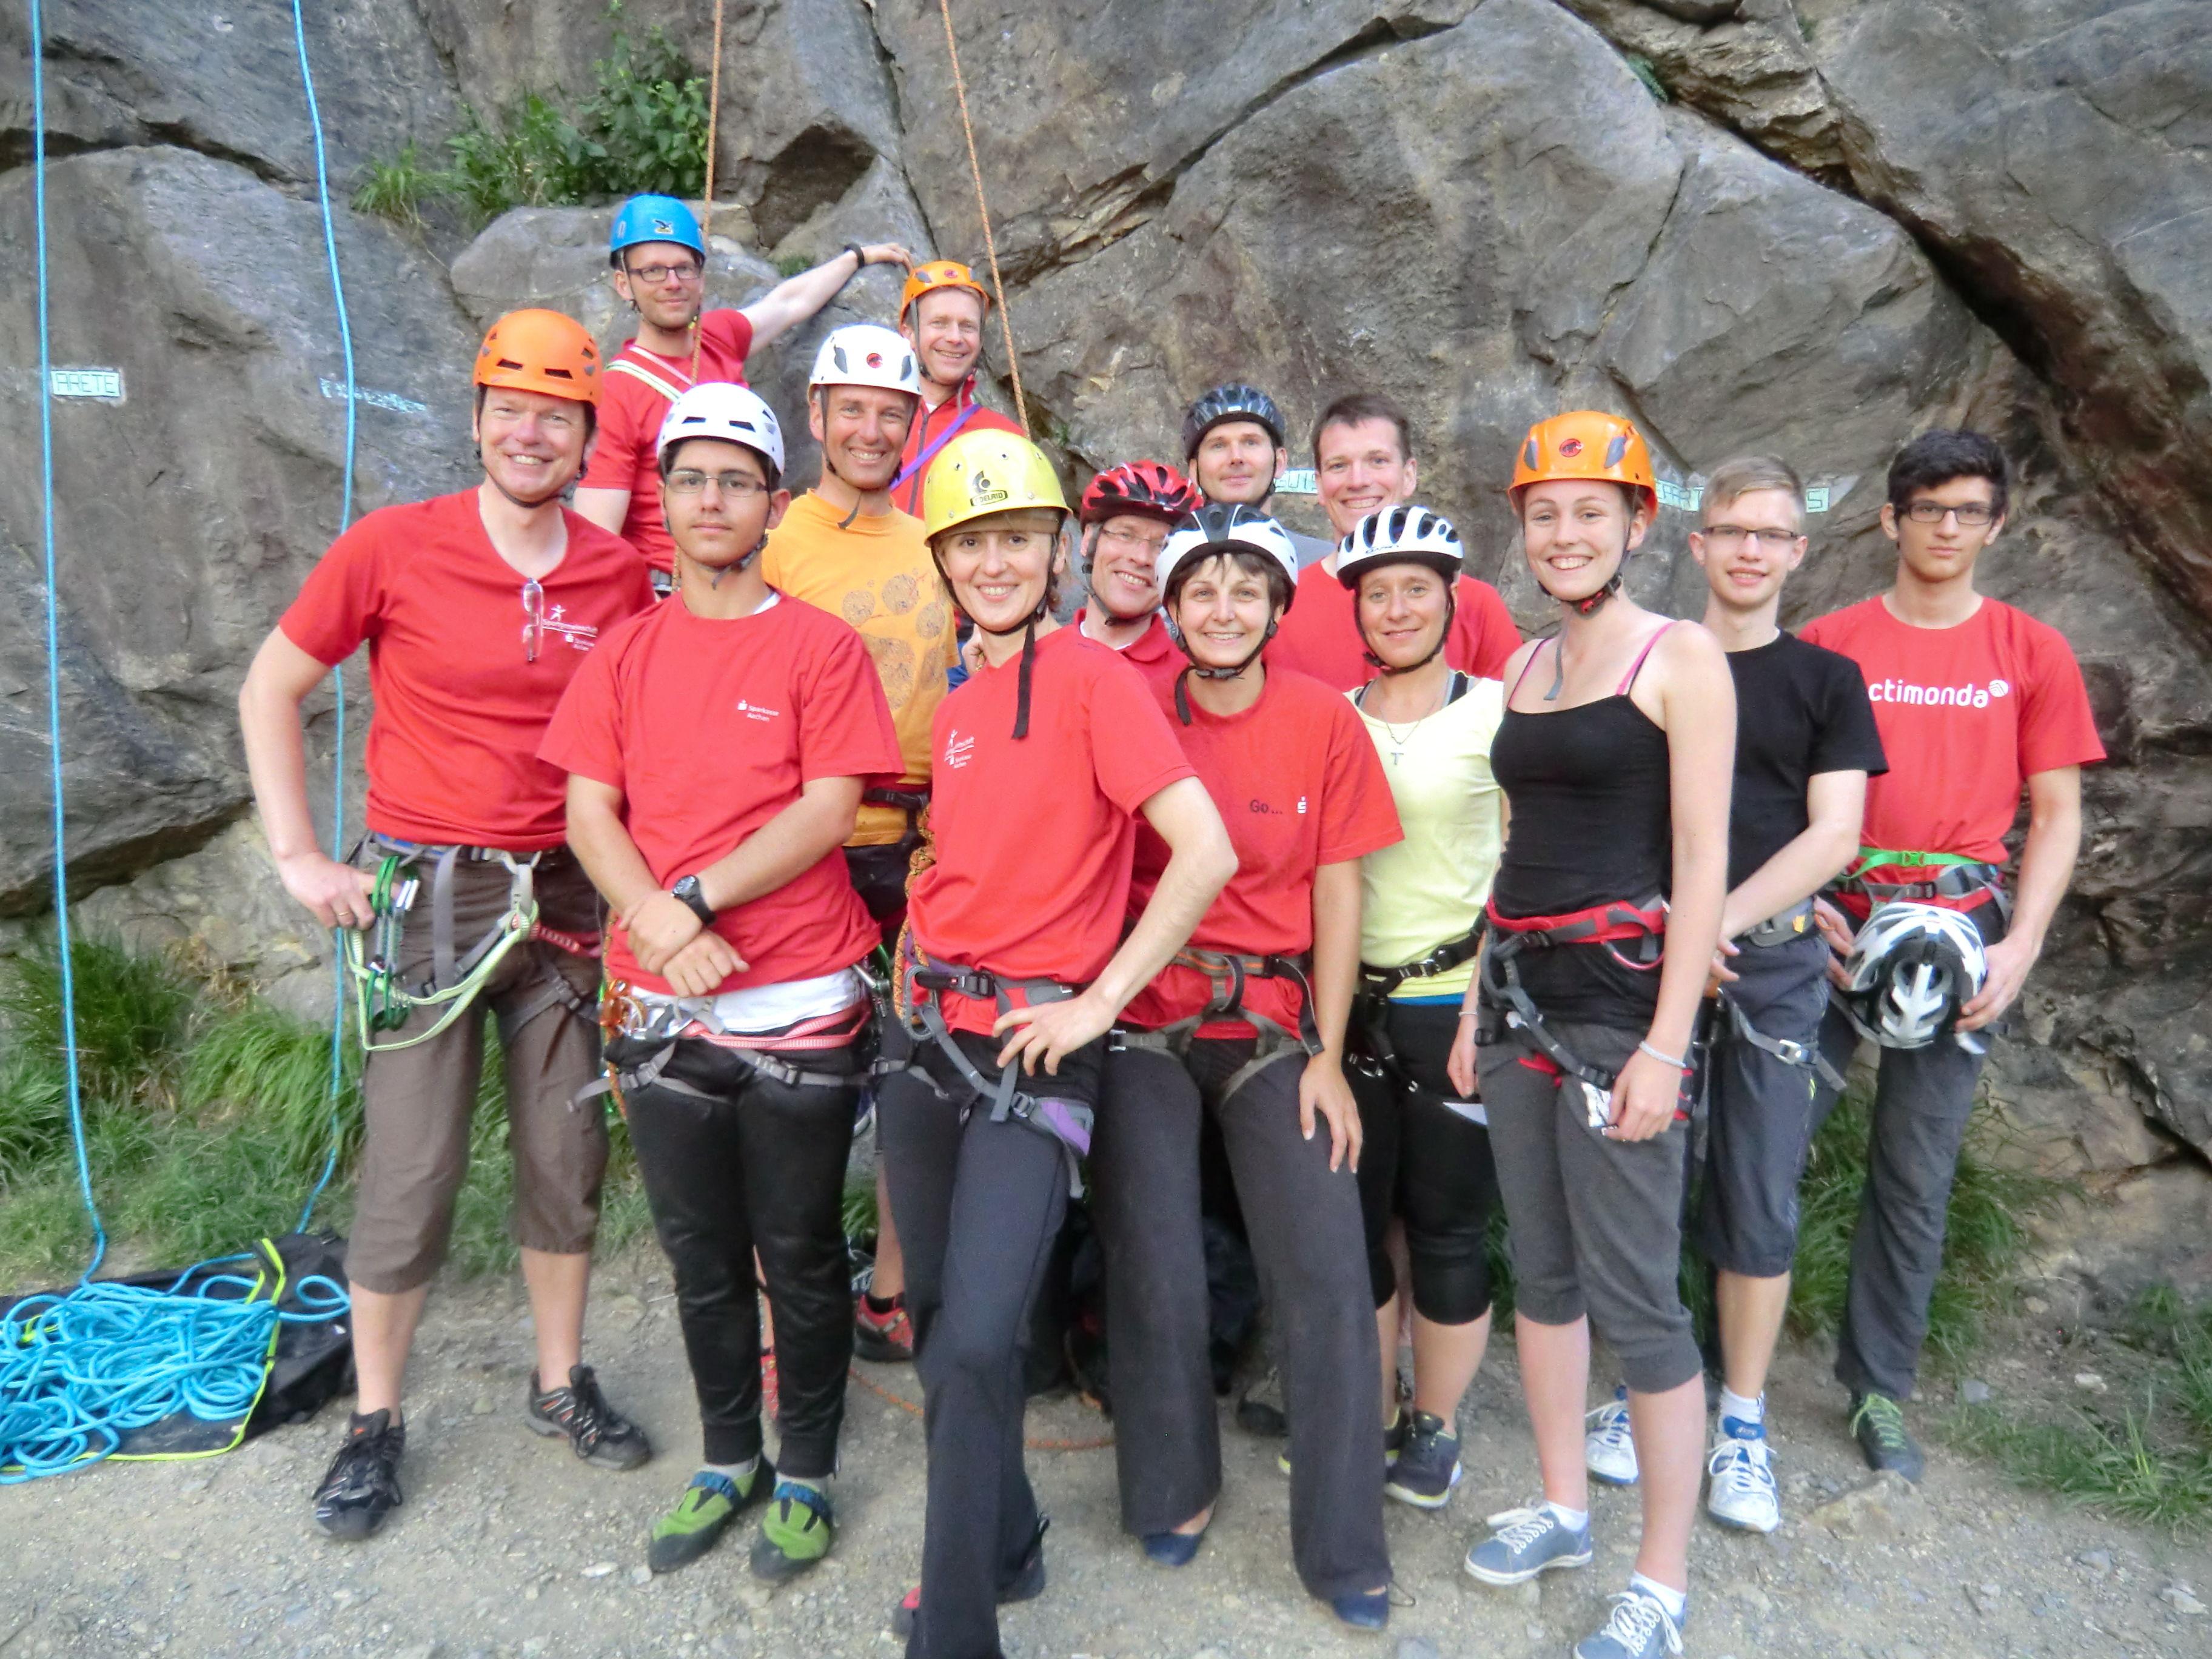 Kletterausrüstung Aachen : Sportgemeinschaft sparkasse aachen sportklettern